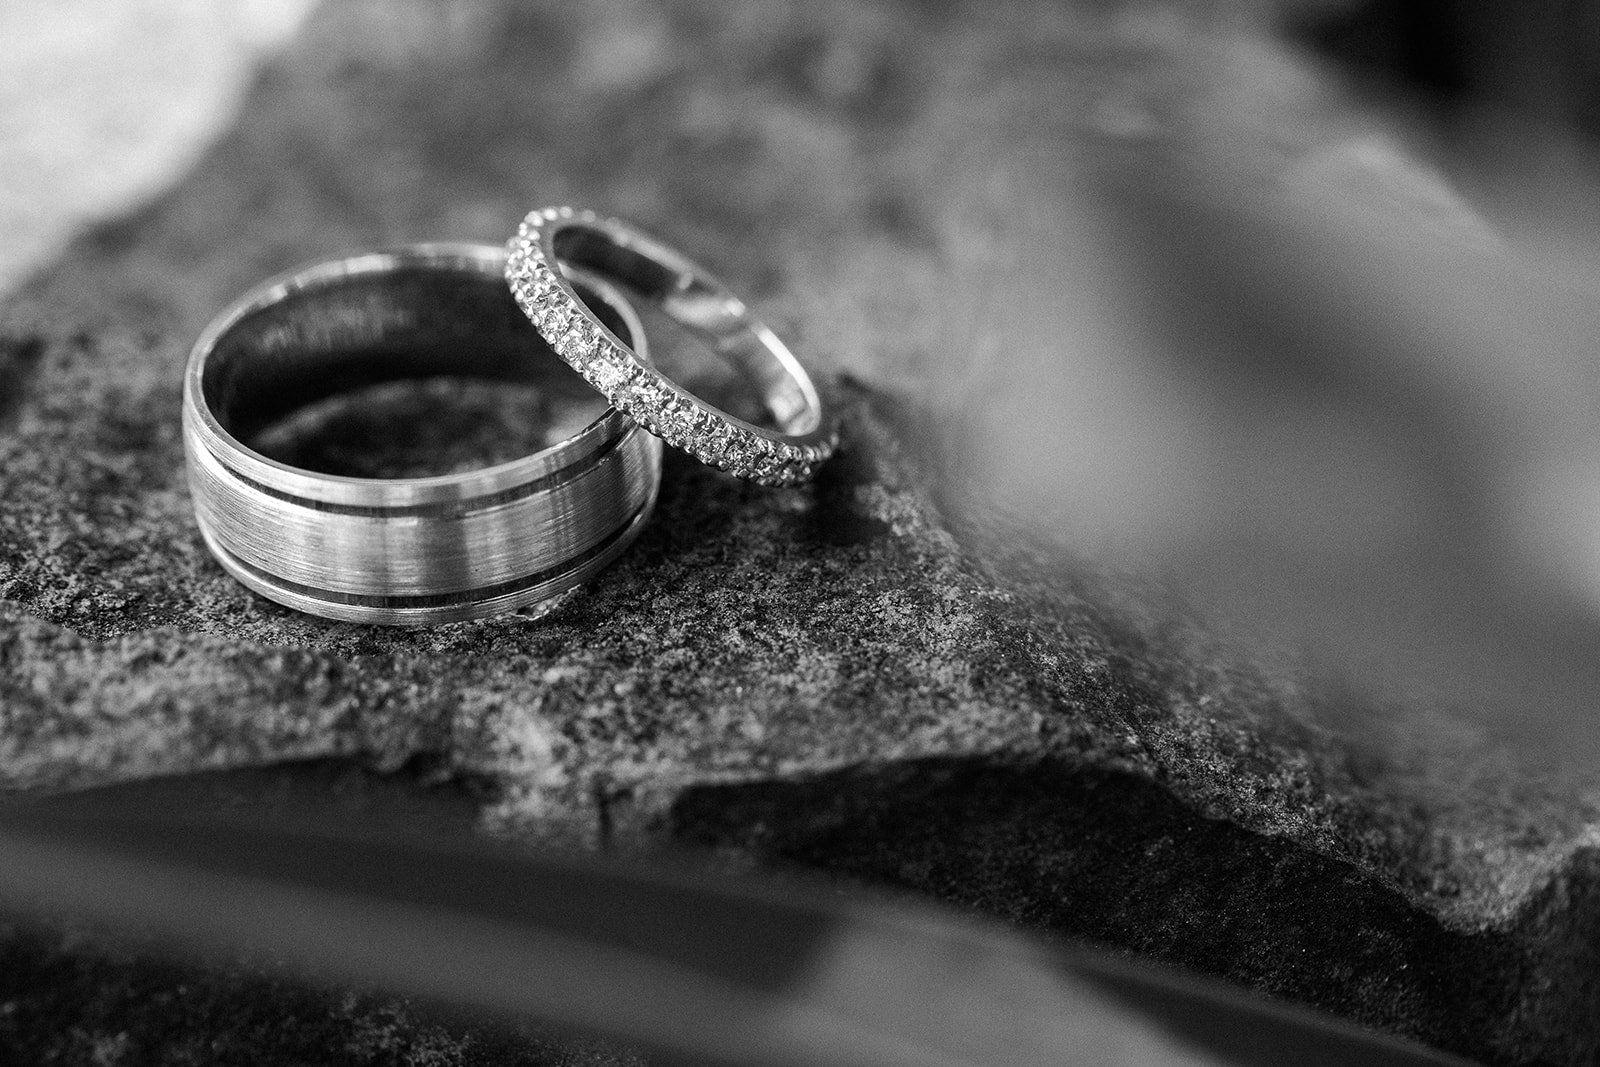 newlyweds, wedding accessories, wedding jewelry